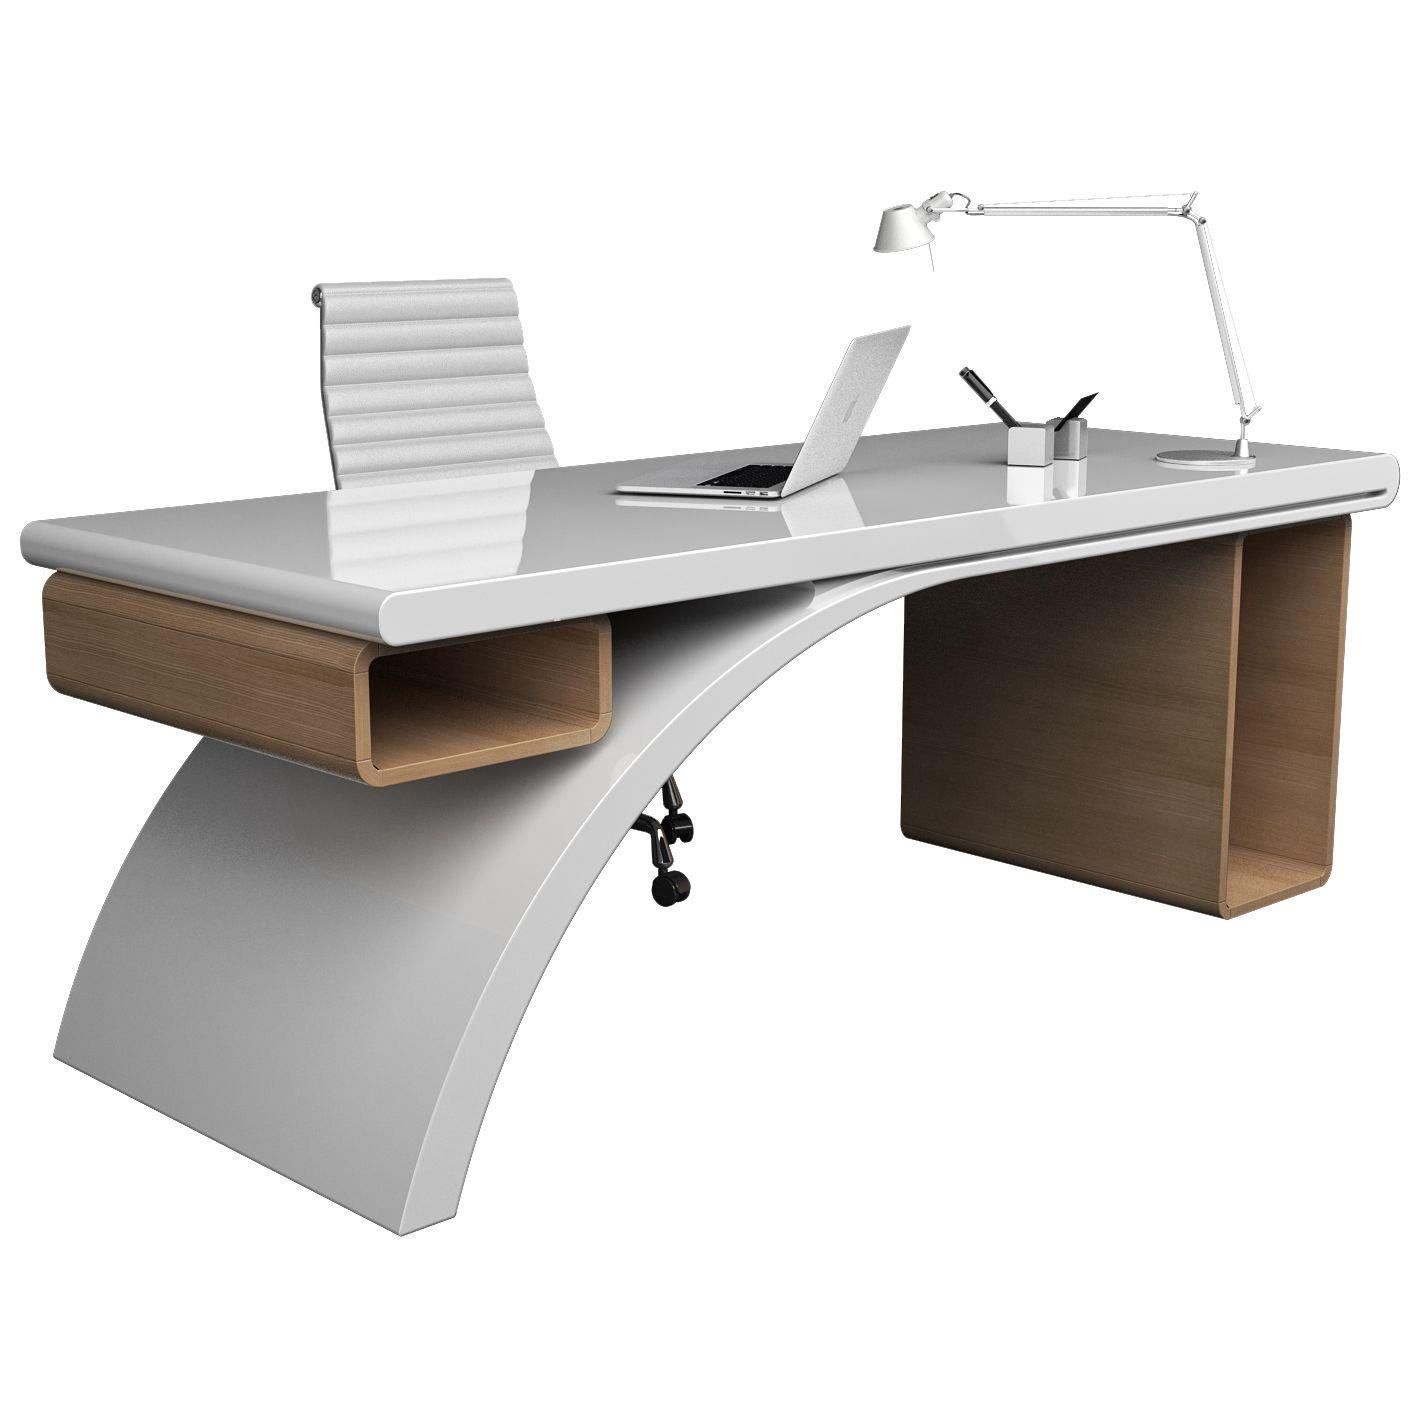 bridge un ponte proiettato nel futuro dell arredo da ufficio una scrivania executive elegante